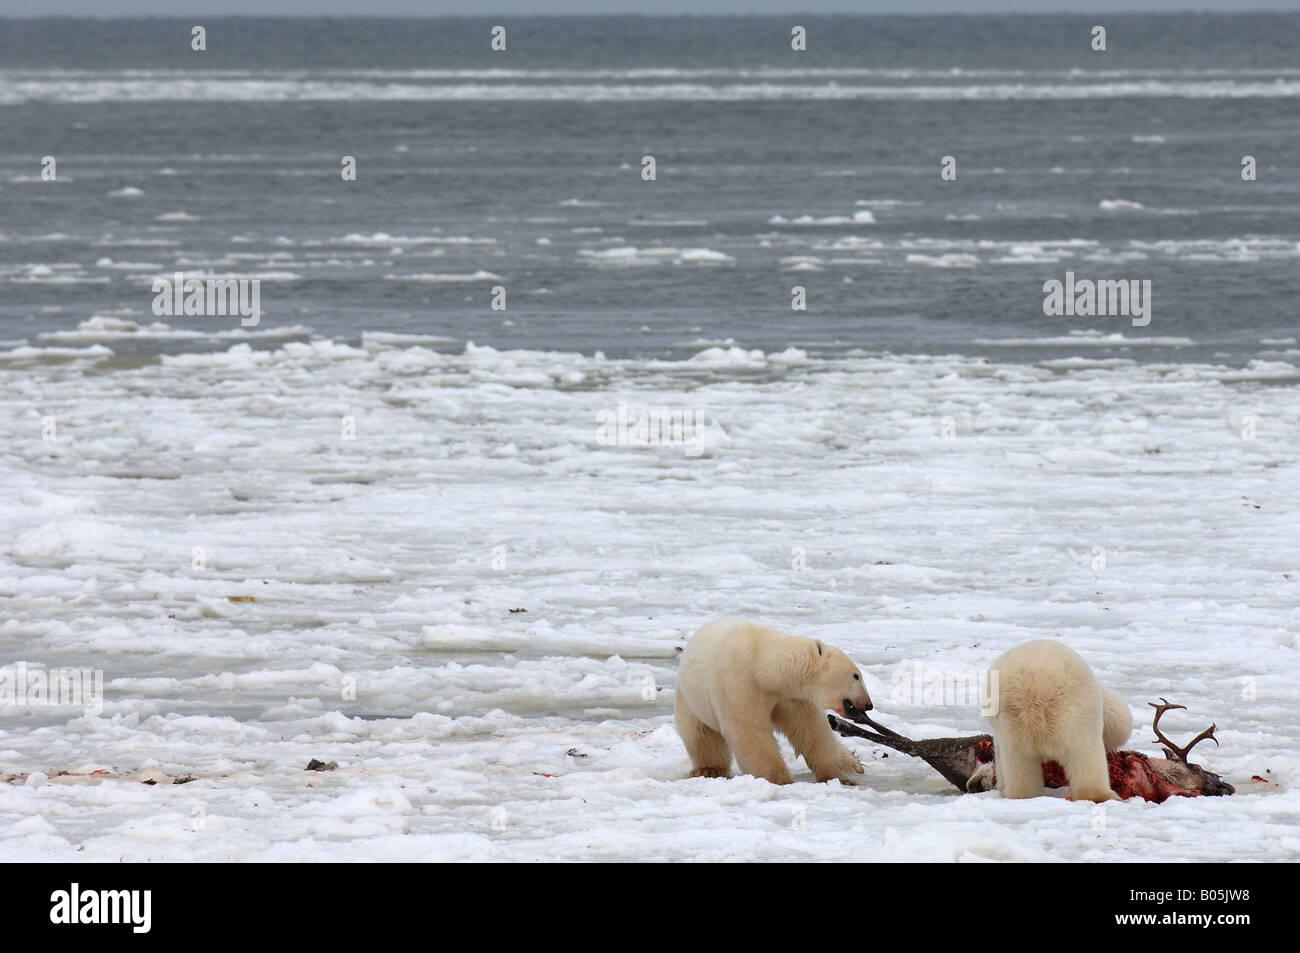 Manitoba fotografías únicas de la bahía de Hudson oso polar macho alimentándose de un cadáver Imagen De Stock